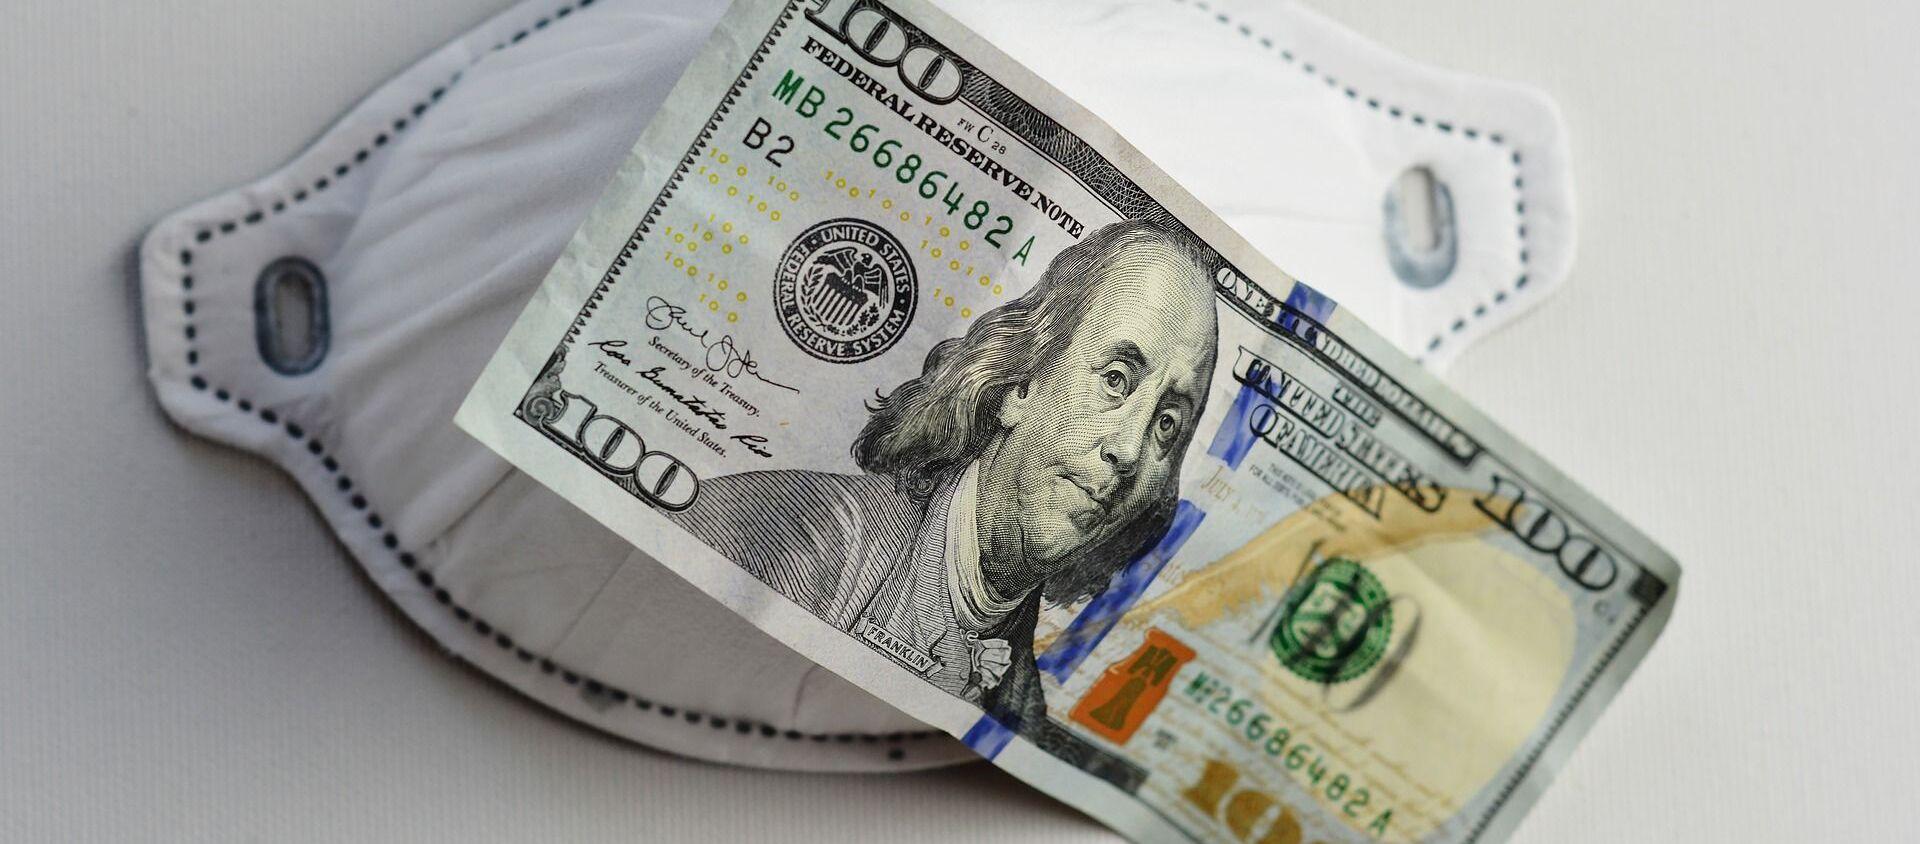 Una mascarilla y un billete de 100 dólares - Sputnik Mundo, 1920, 04.02.2021